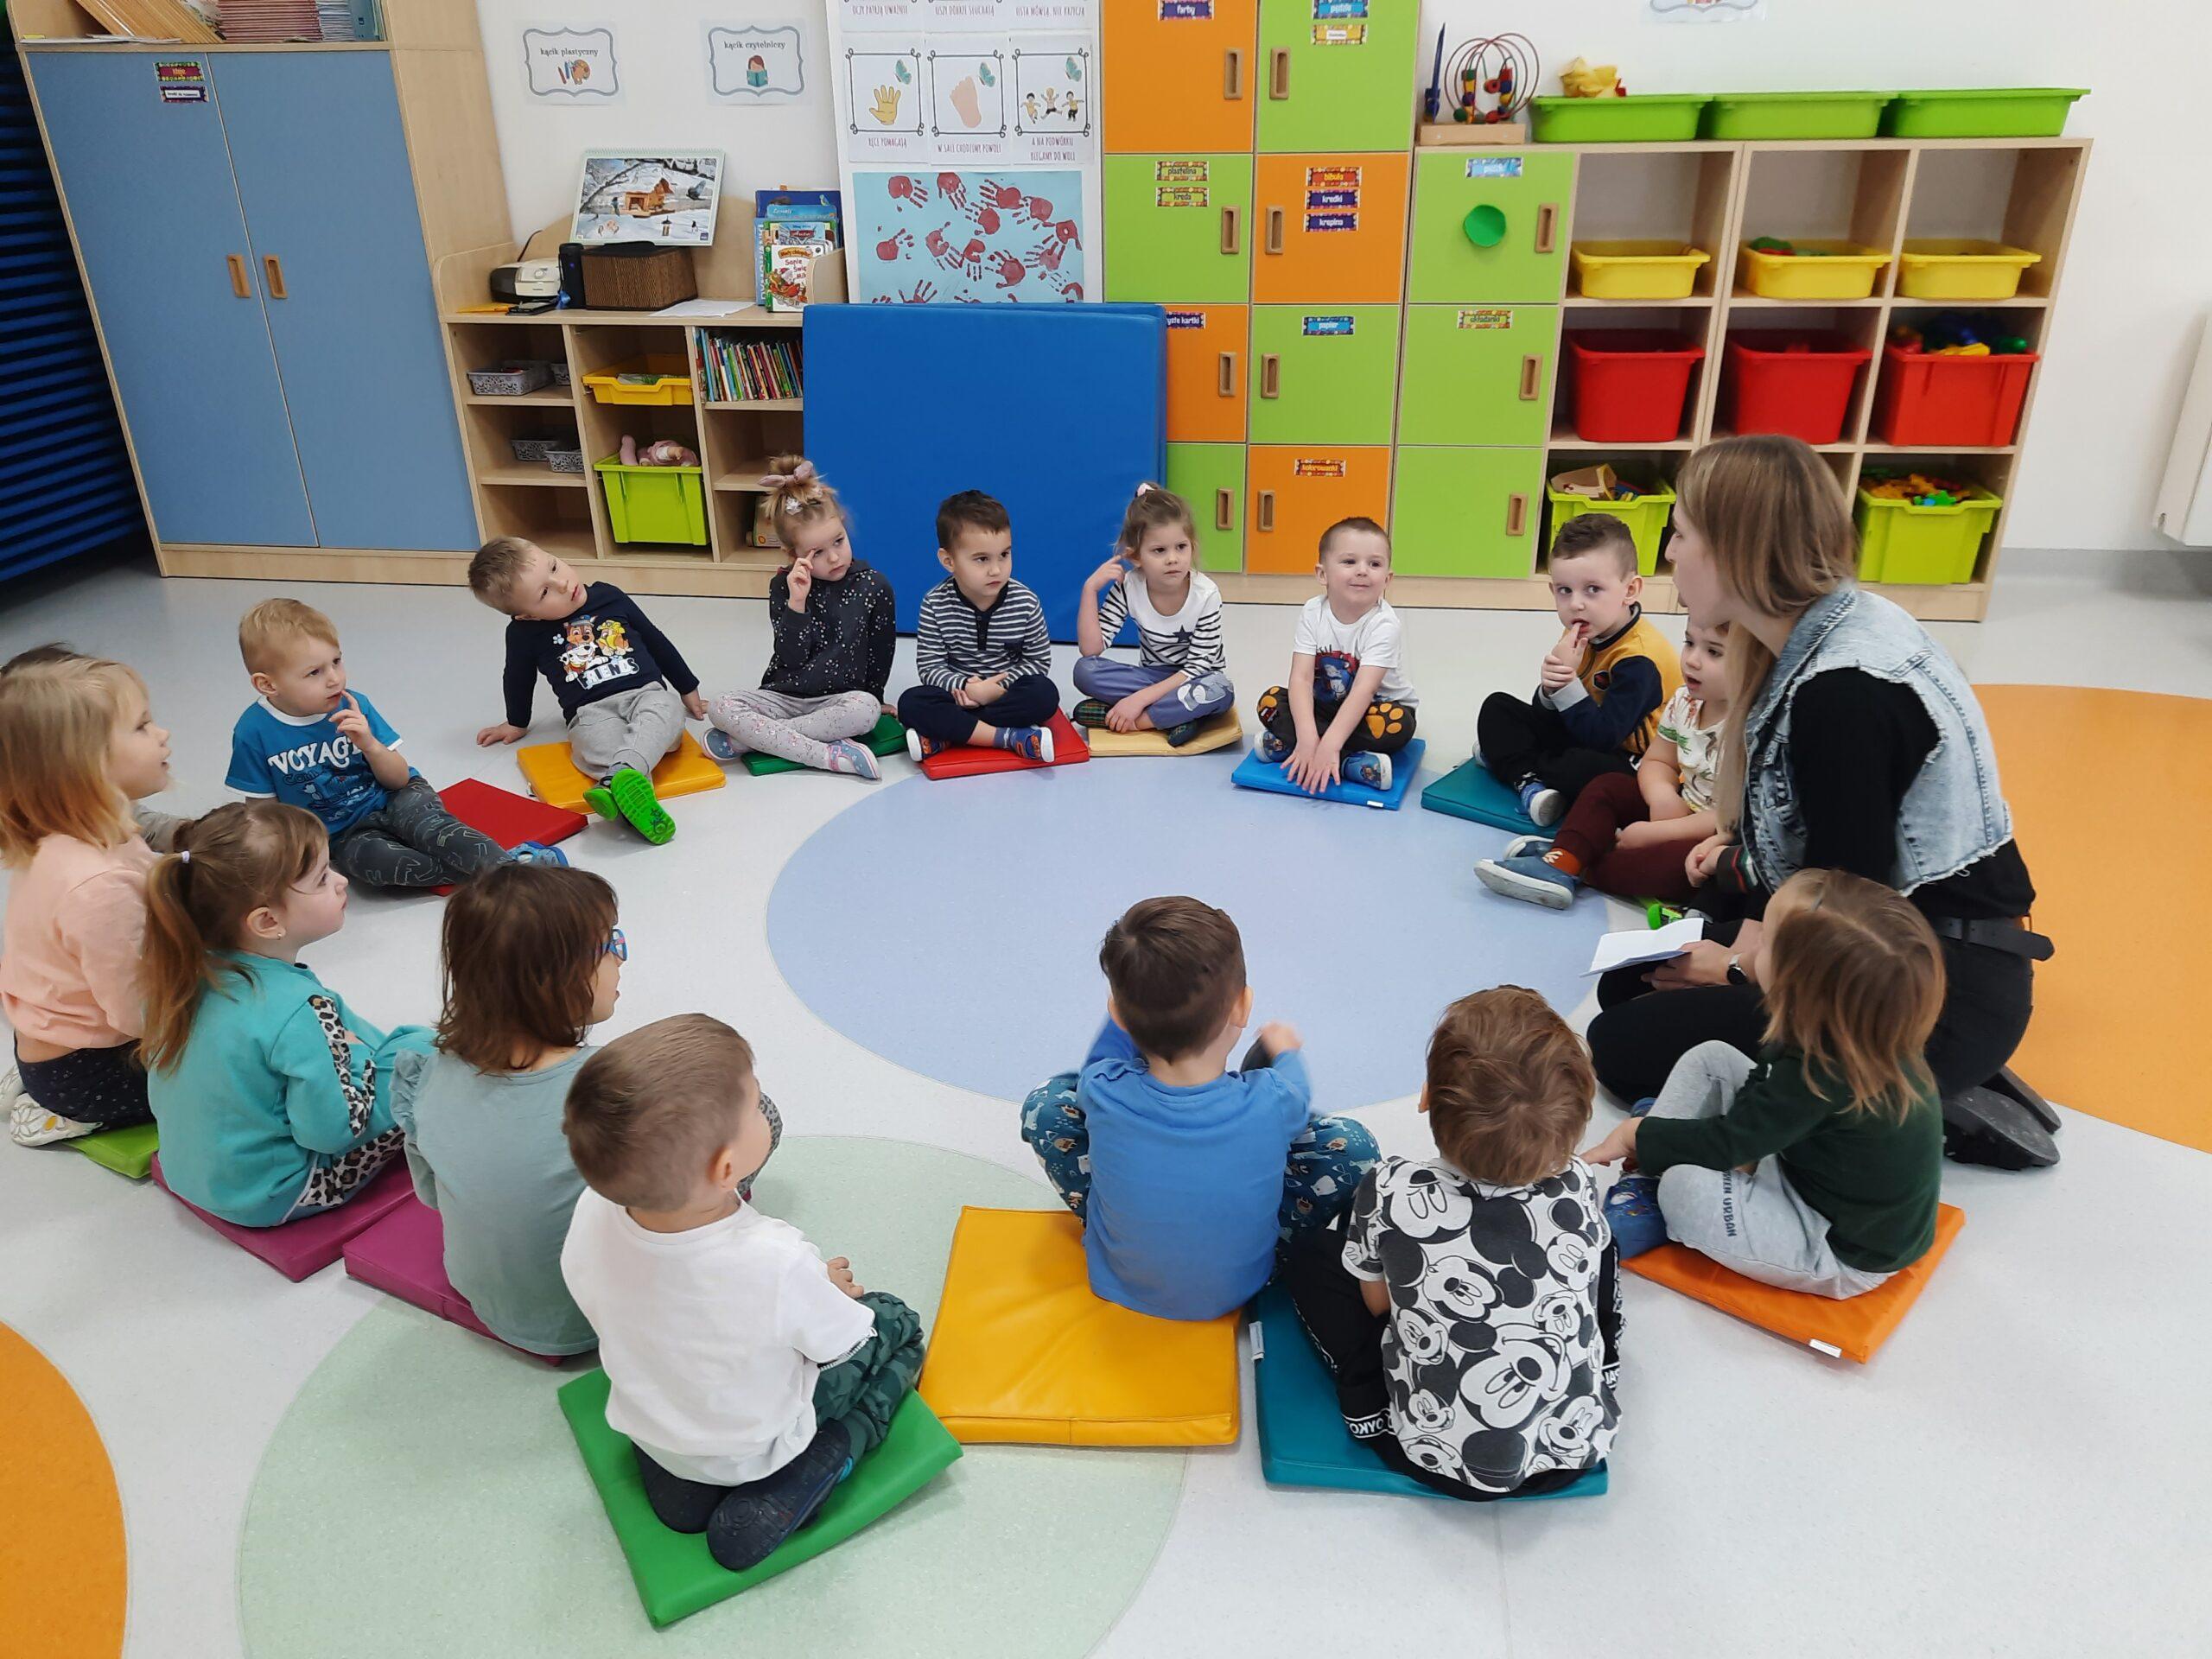 zdjęcie przedstawiające dzieci na zajęciach